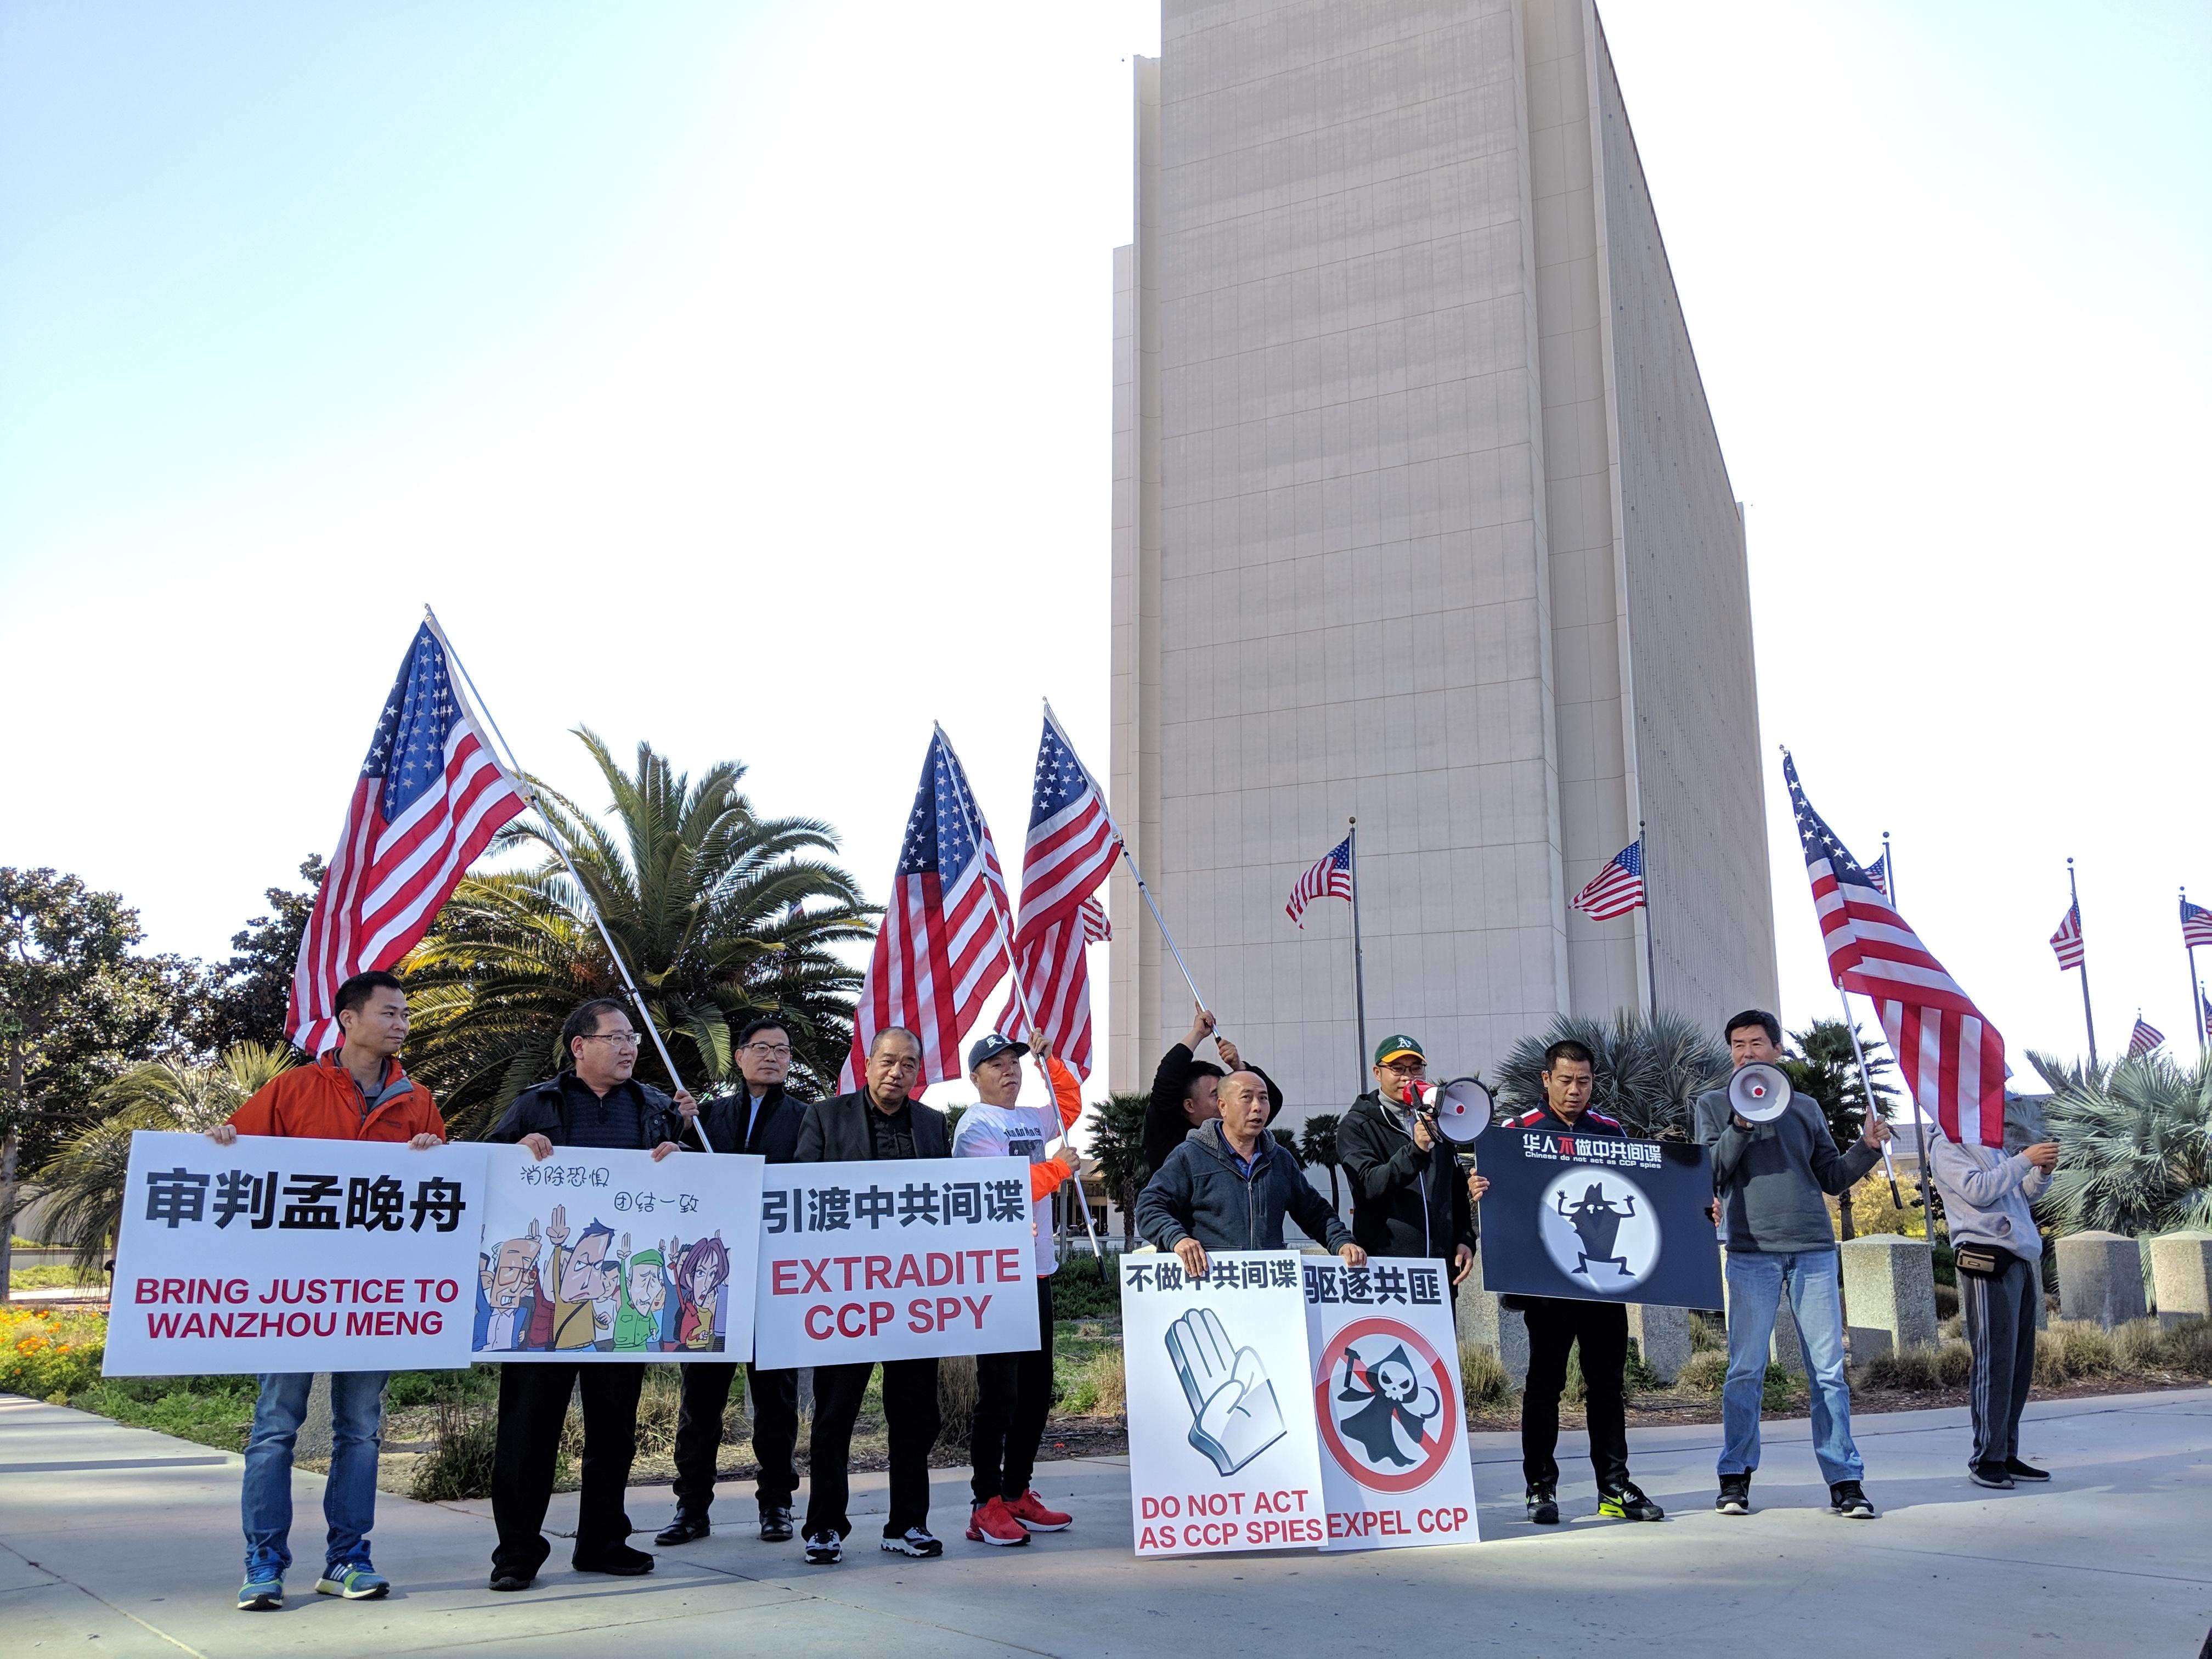 2月19日,多位華人赴洛杉磯聯邦調查局辦公室遞交請願書,強調「關注中國人權,保衛自由美國,維護洛杉磯安寧」。(徐繡惠/大紀元)